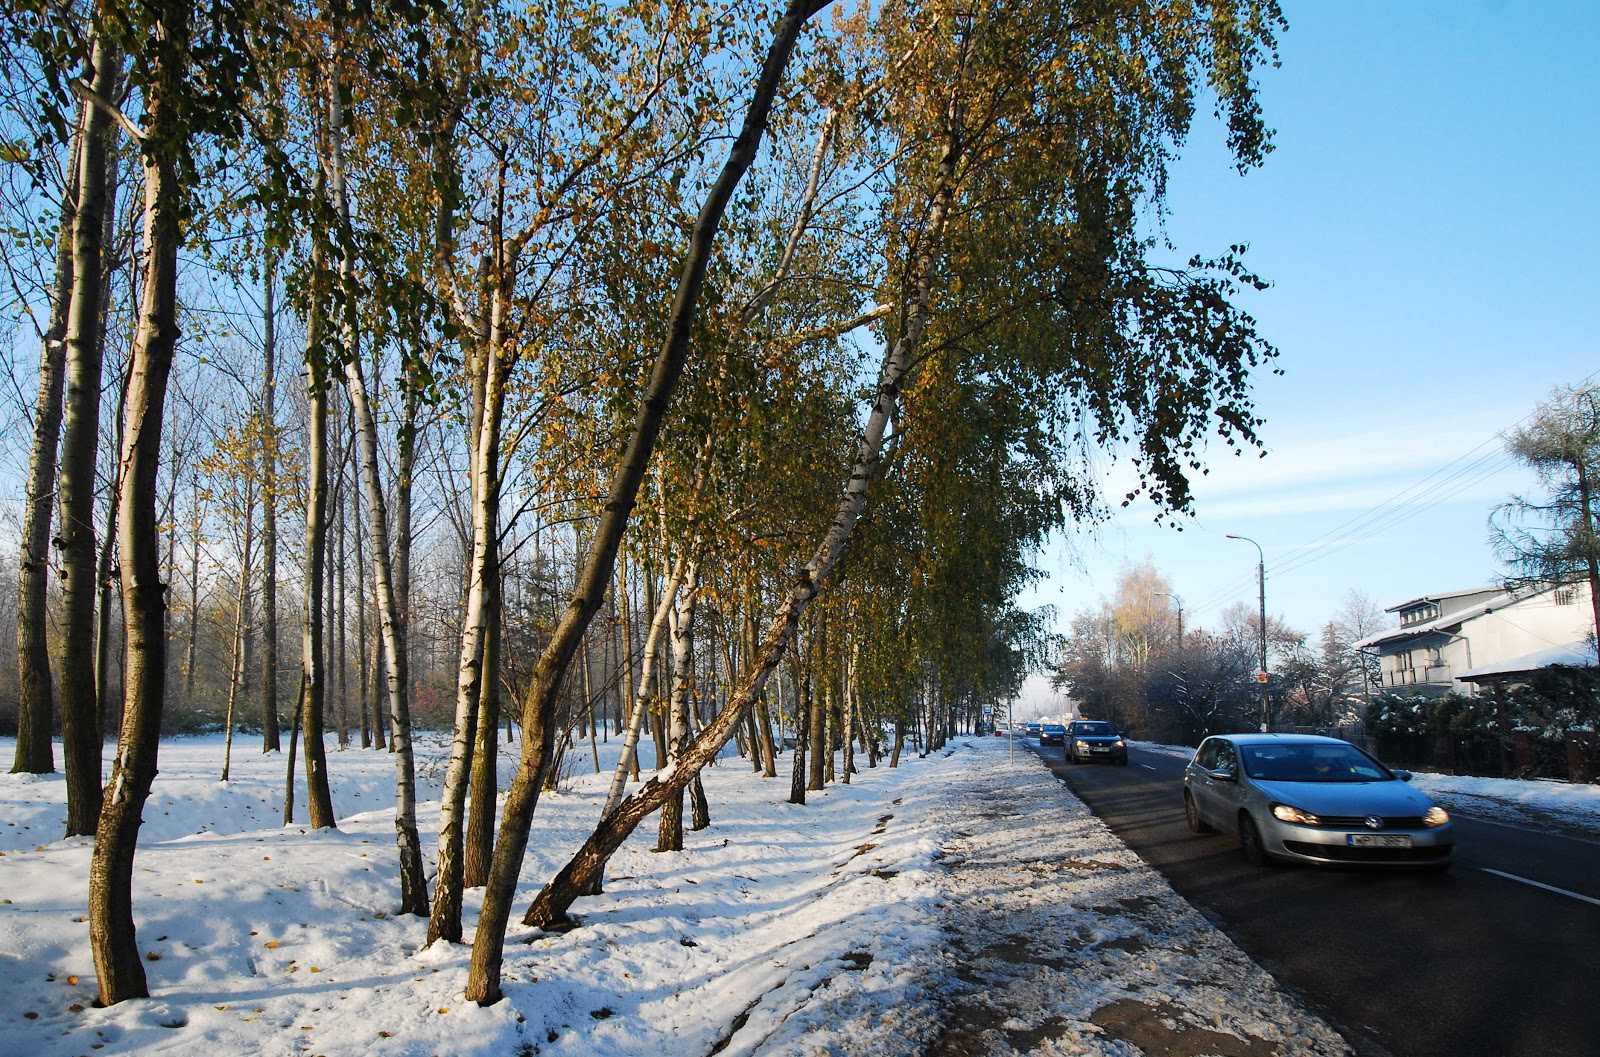 http://1.bp.blogspot.com/-w-0Q4F2qY0E/UJJGRkQvsSI/AAAAAAAAMtQ/OZHxW-qr8tE/s1600/First+snow,+Karczunkowska.jpg